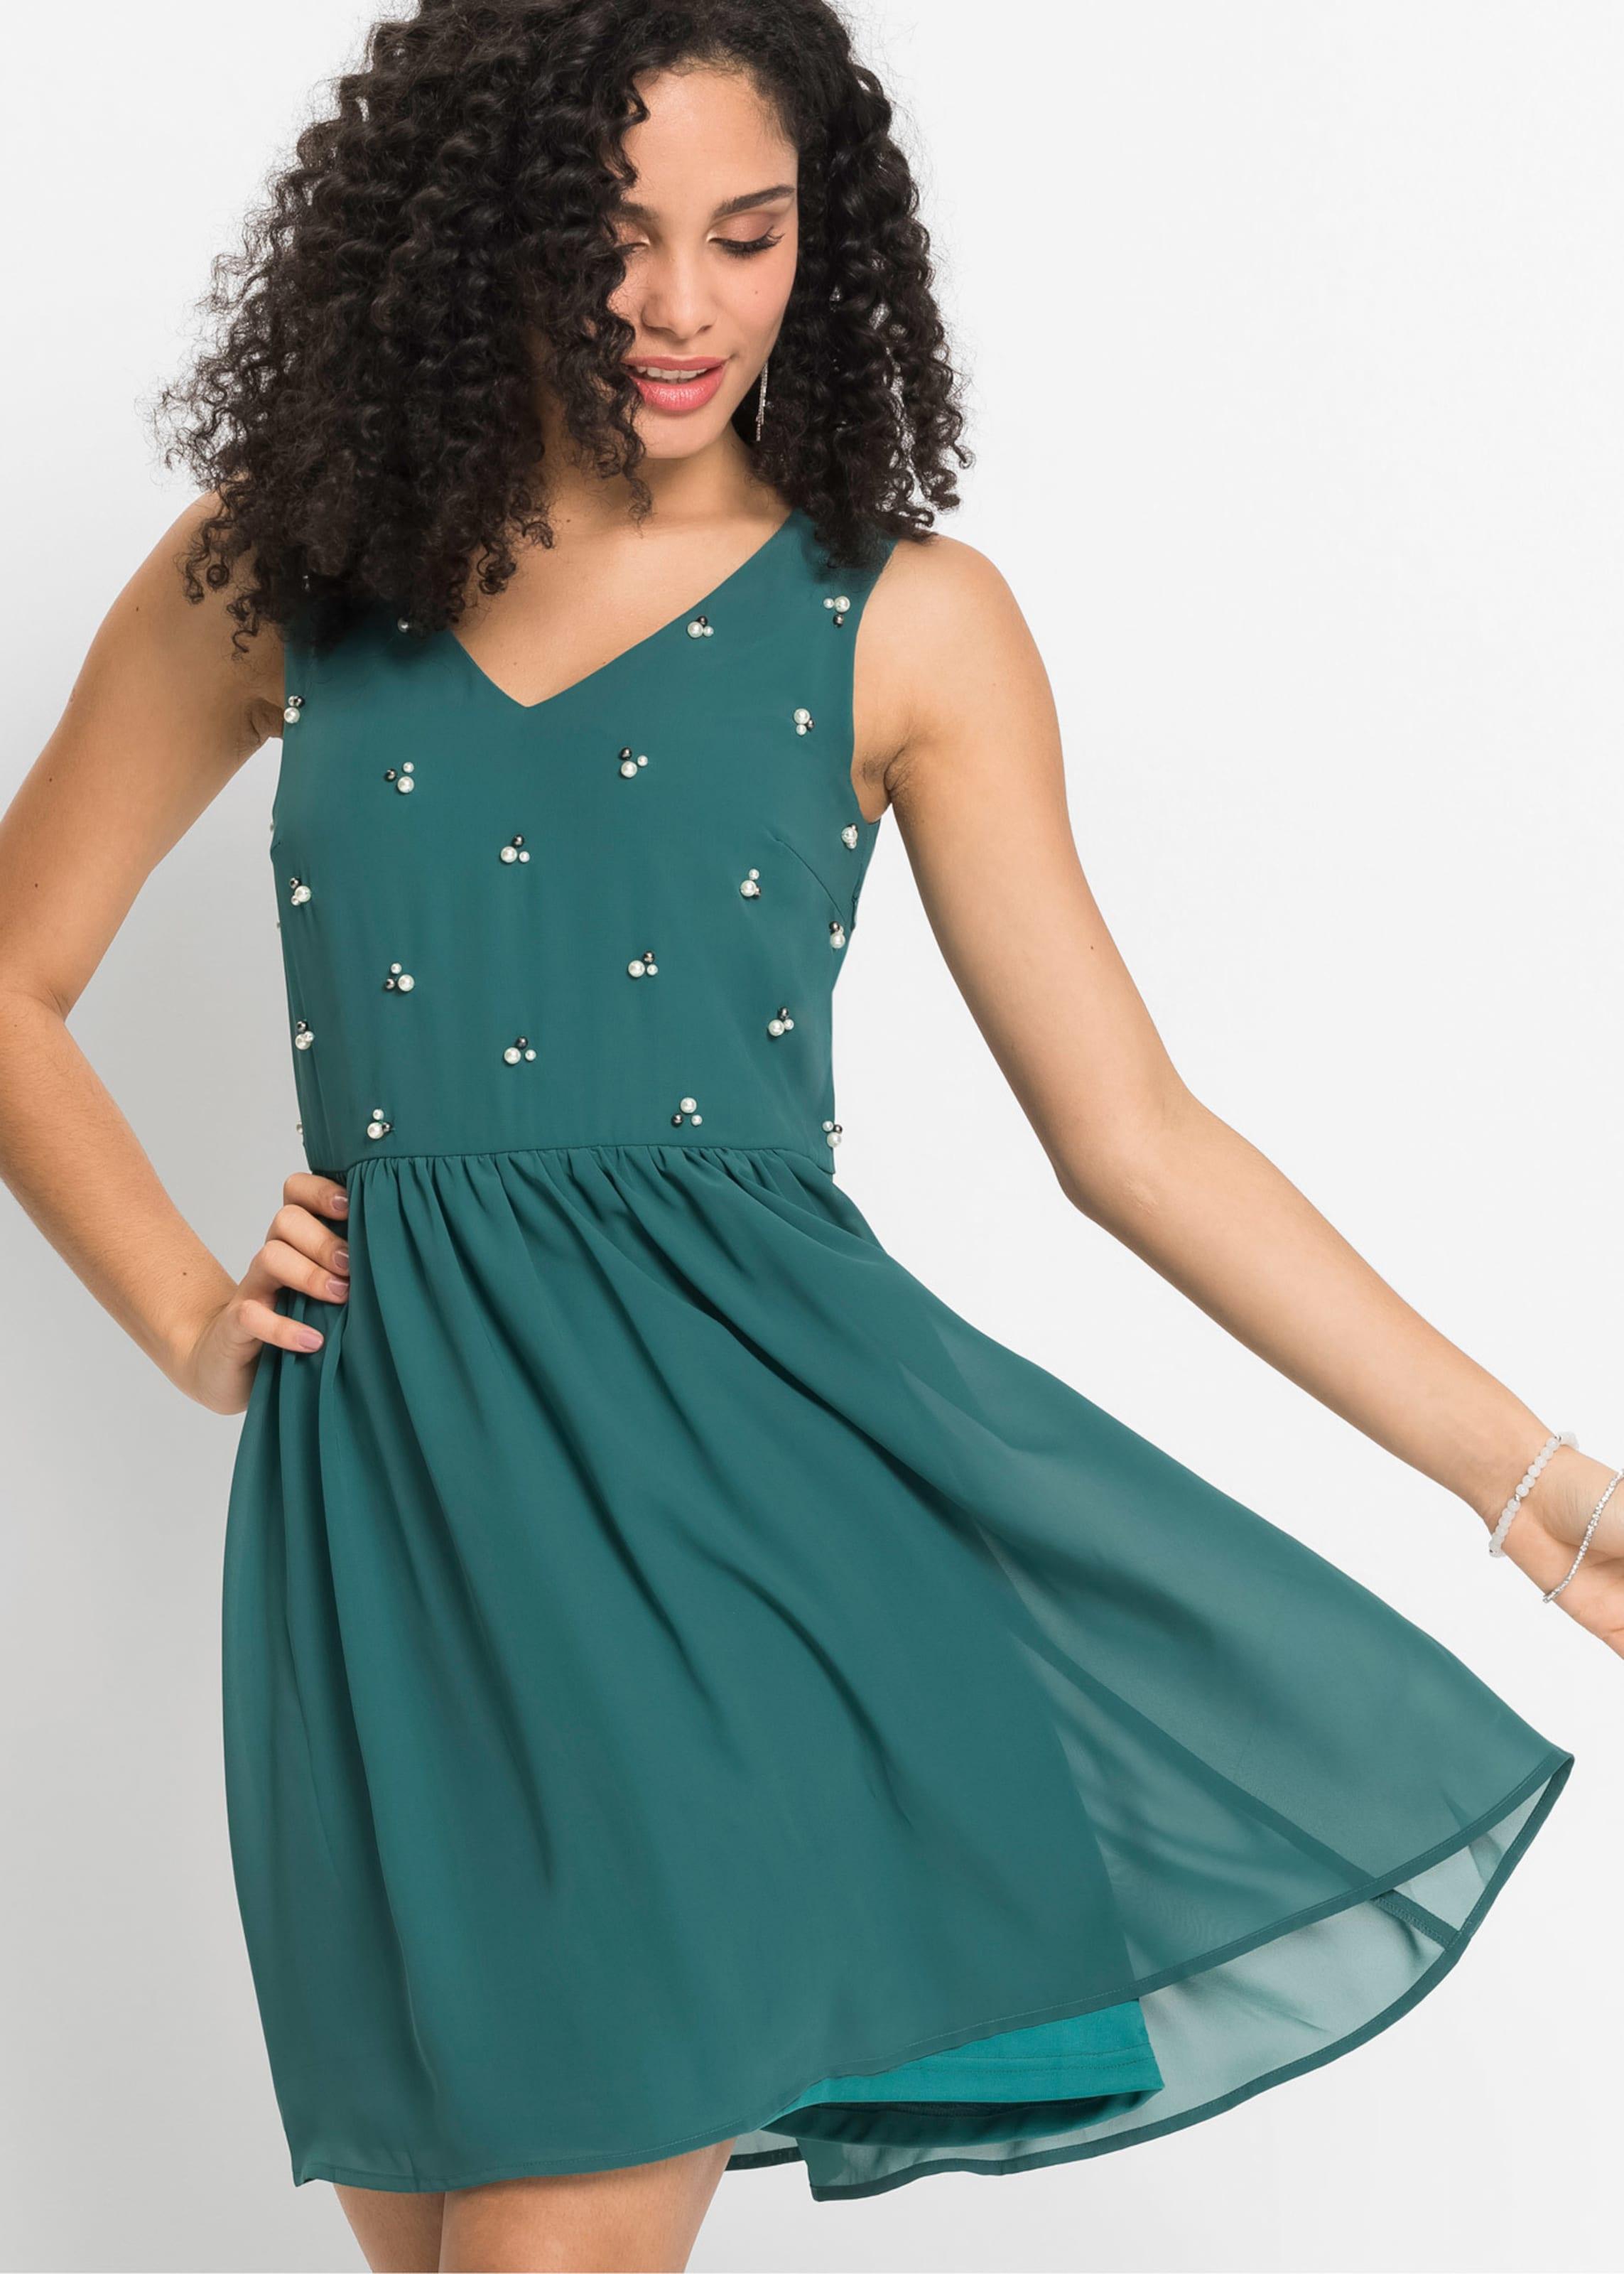 jetzt kaufen Offizieller Lieferant Kaufen Bonprix Kleid Blau In Blau In In Bonprix Kleid Bonprix Kleid ...